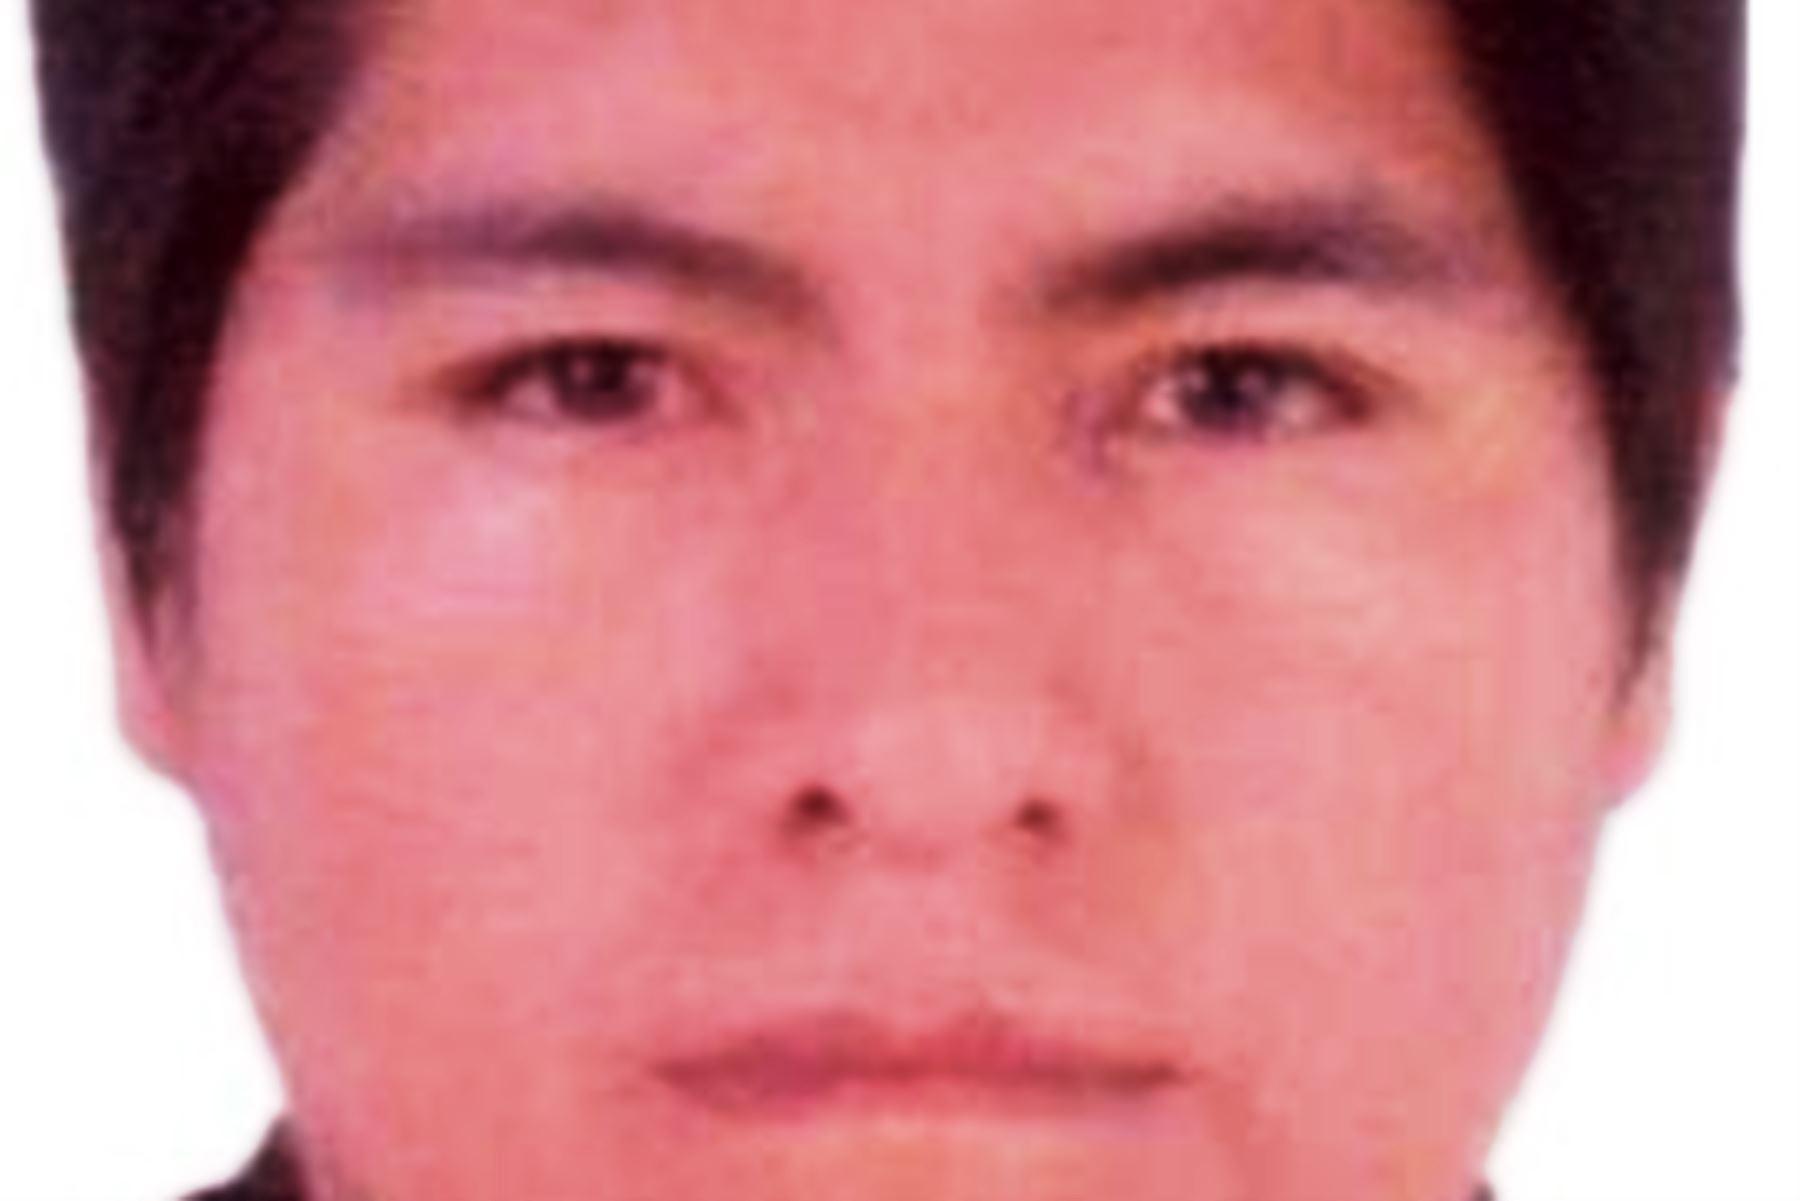 Mininter: ofrecen S/ 30,000 por captura de presunto feminicida Segundo Apaza. Foto: ANDINA/Difusión.